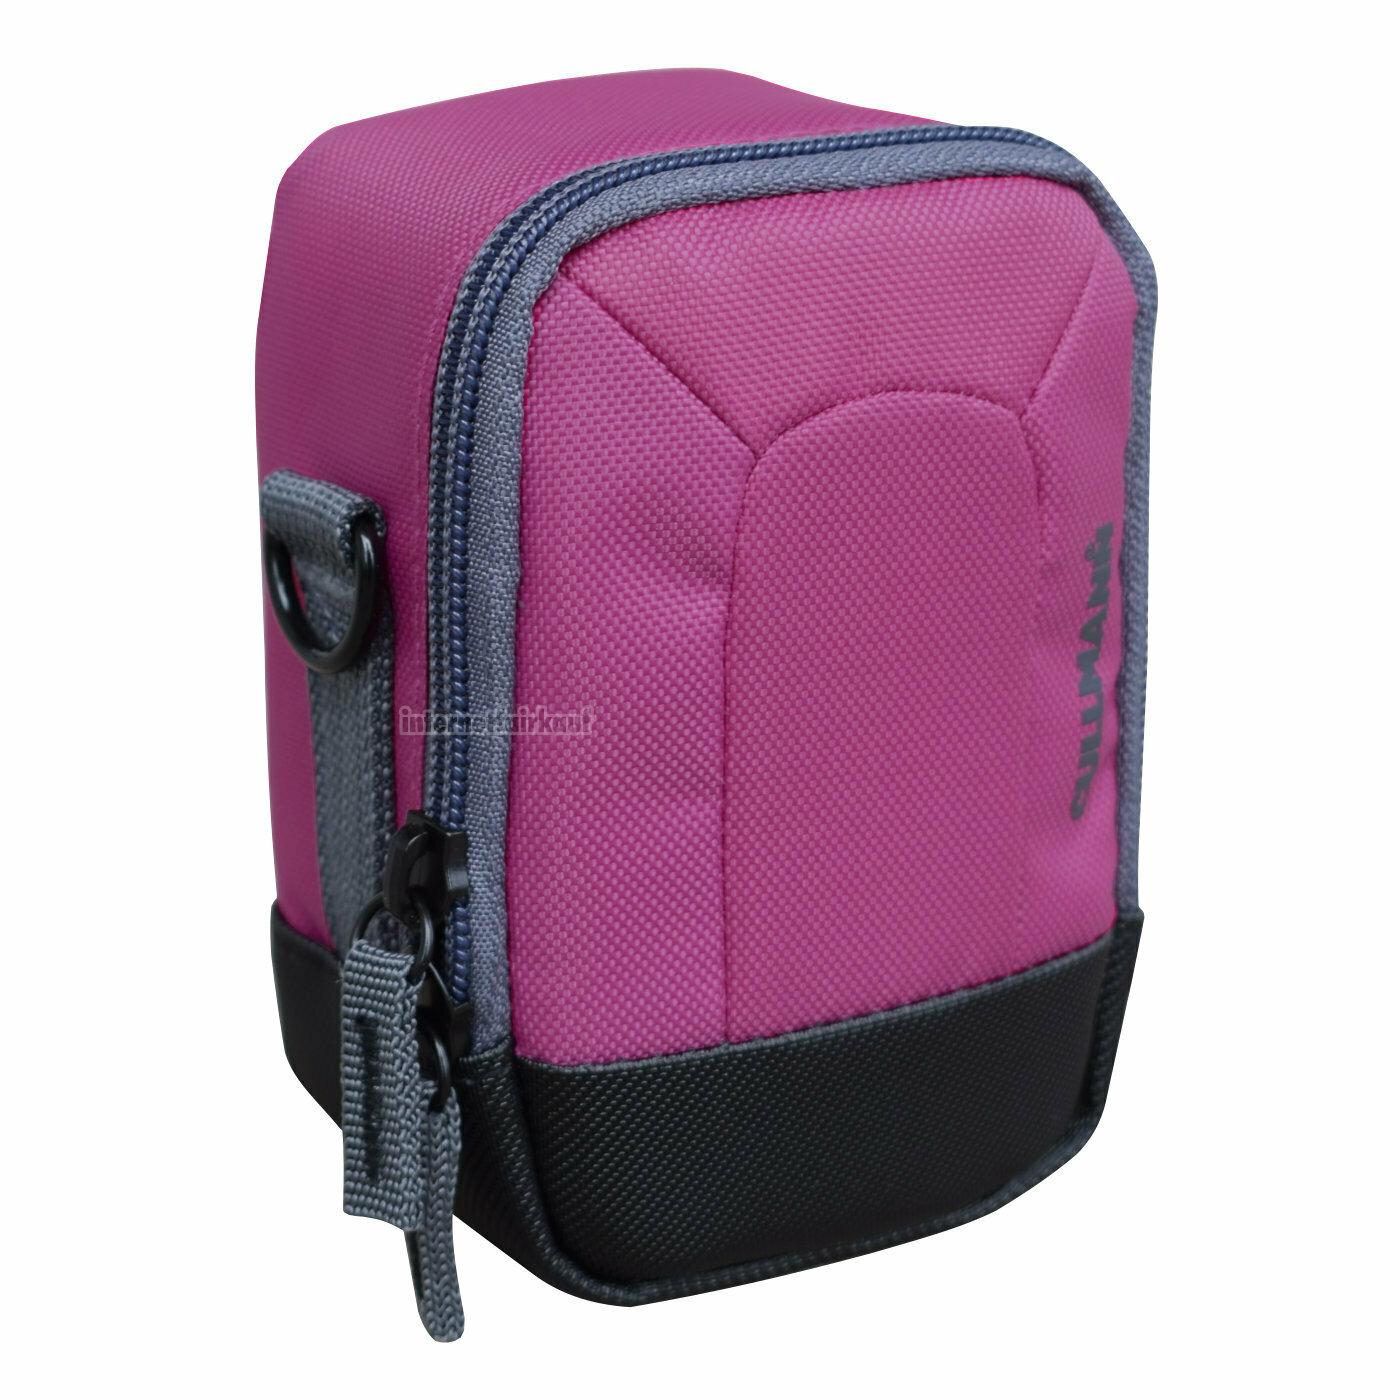 Kameratasche purple passend für Fuji Fujifilm X70 - Fototasche